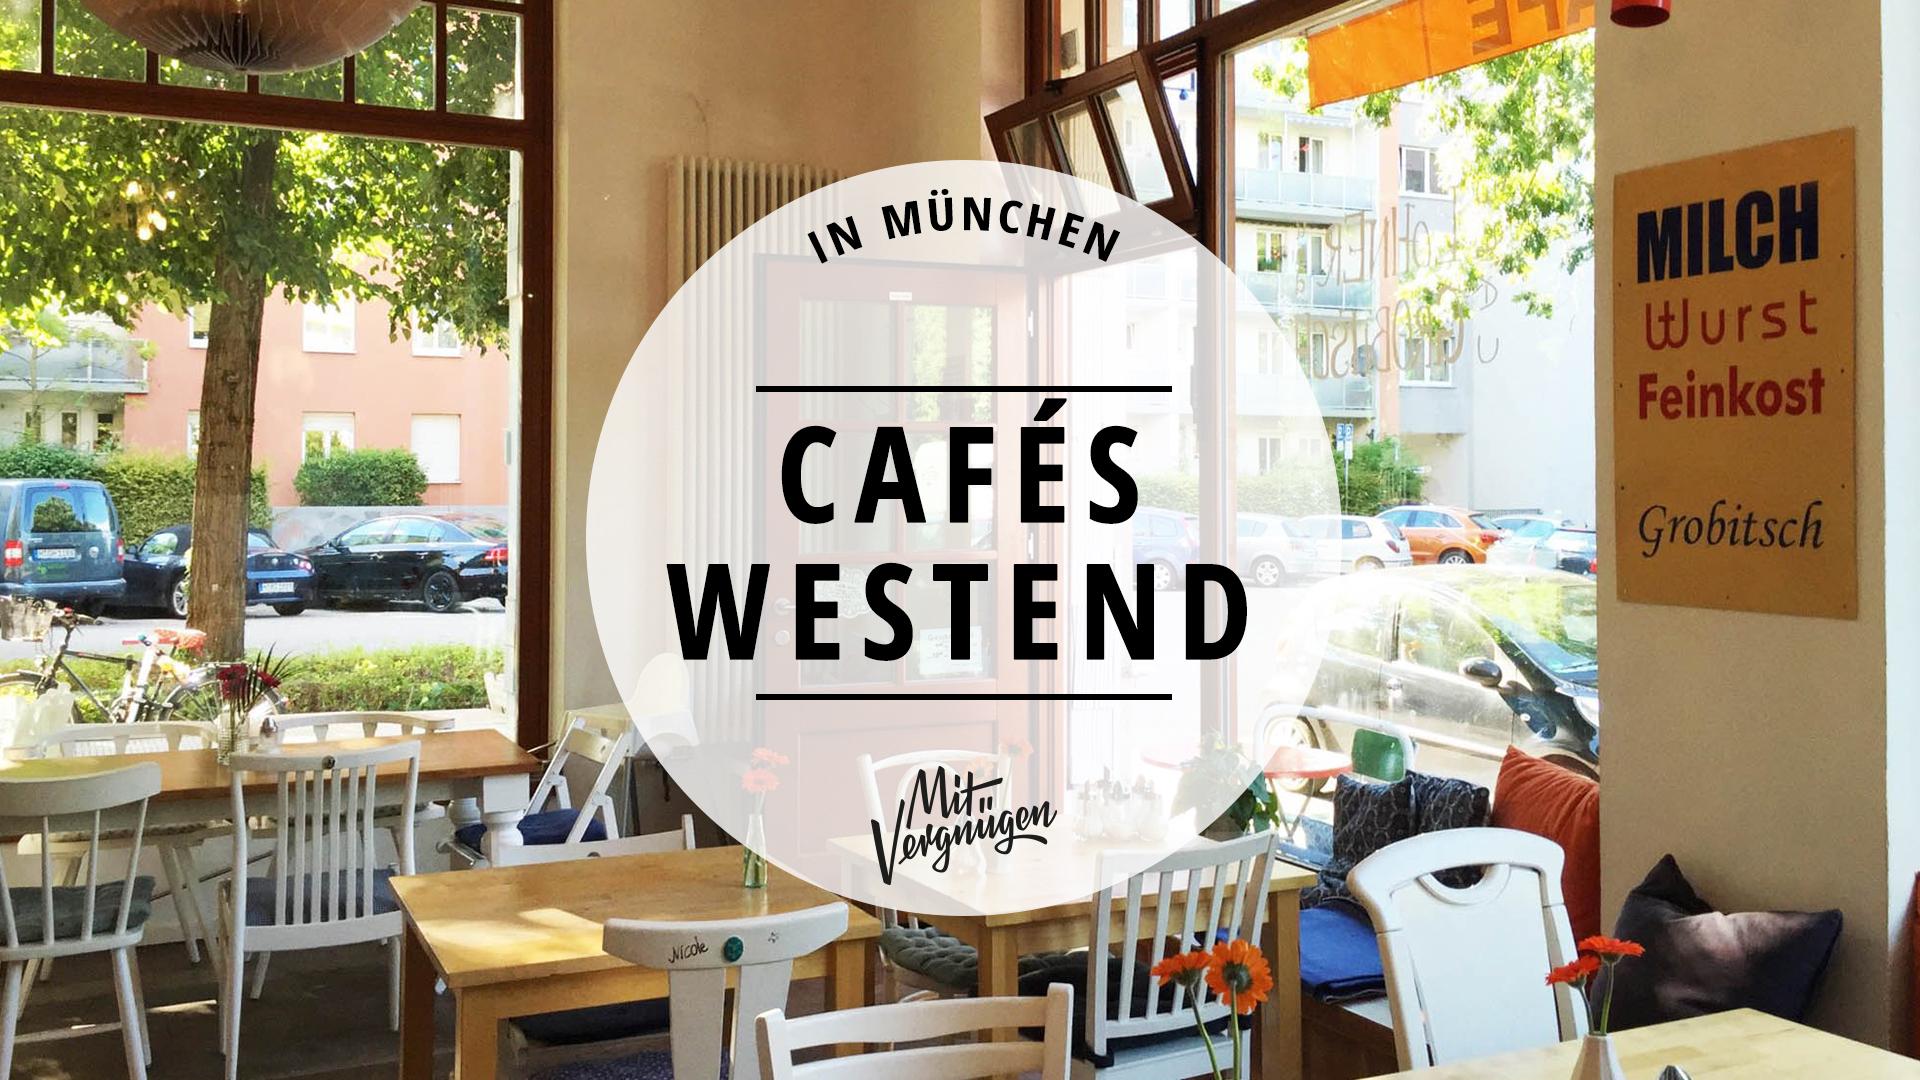 Outdoorküche Klein Cafe : Kleine feine küche münchen lidl wasserhahn küche höhe